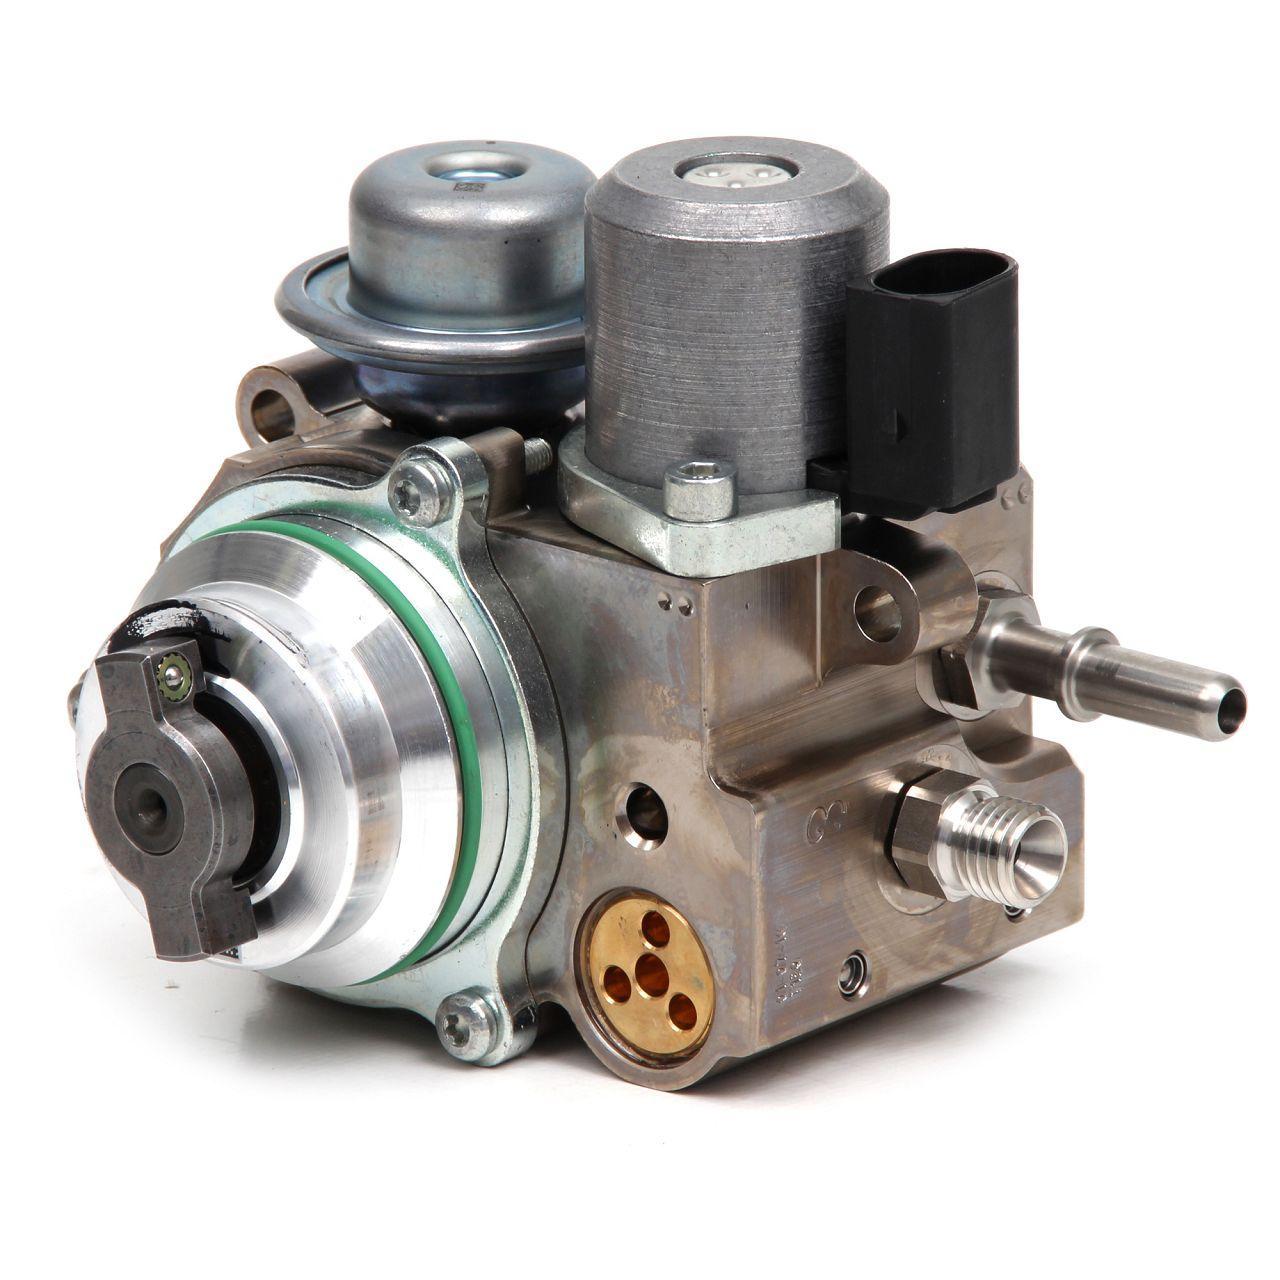 Kraftstoffpumpe Benzinpumpe für MINI R55 - R60 COOPER S 163-200 PS bis 03.2012